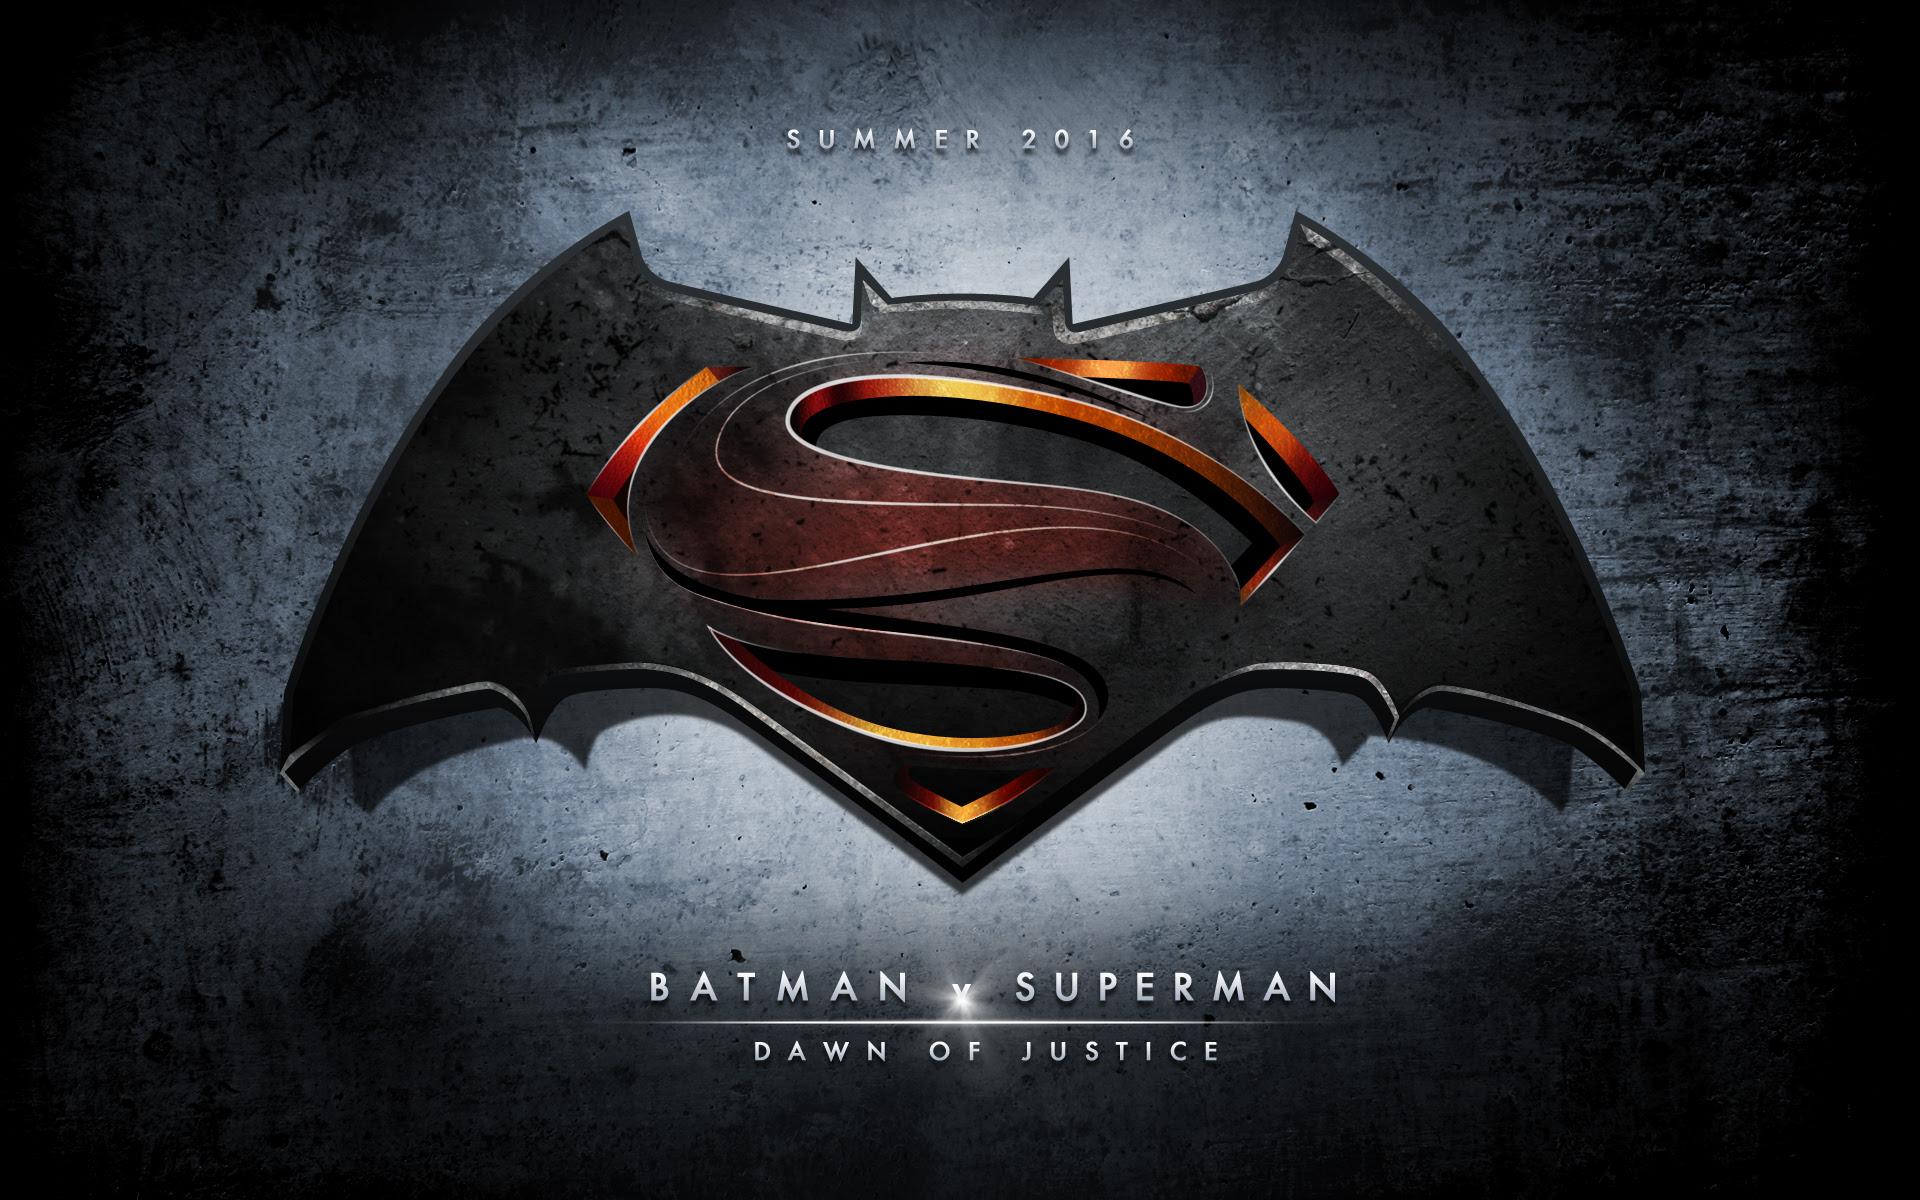 באטמן נגד סופרמן: שחר הצדק - הטריילר החדש מציע הצצה לקטעים חדשים